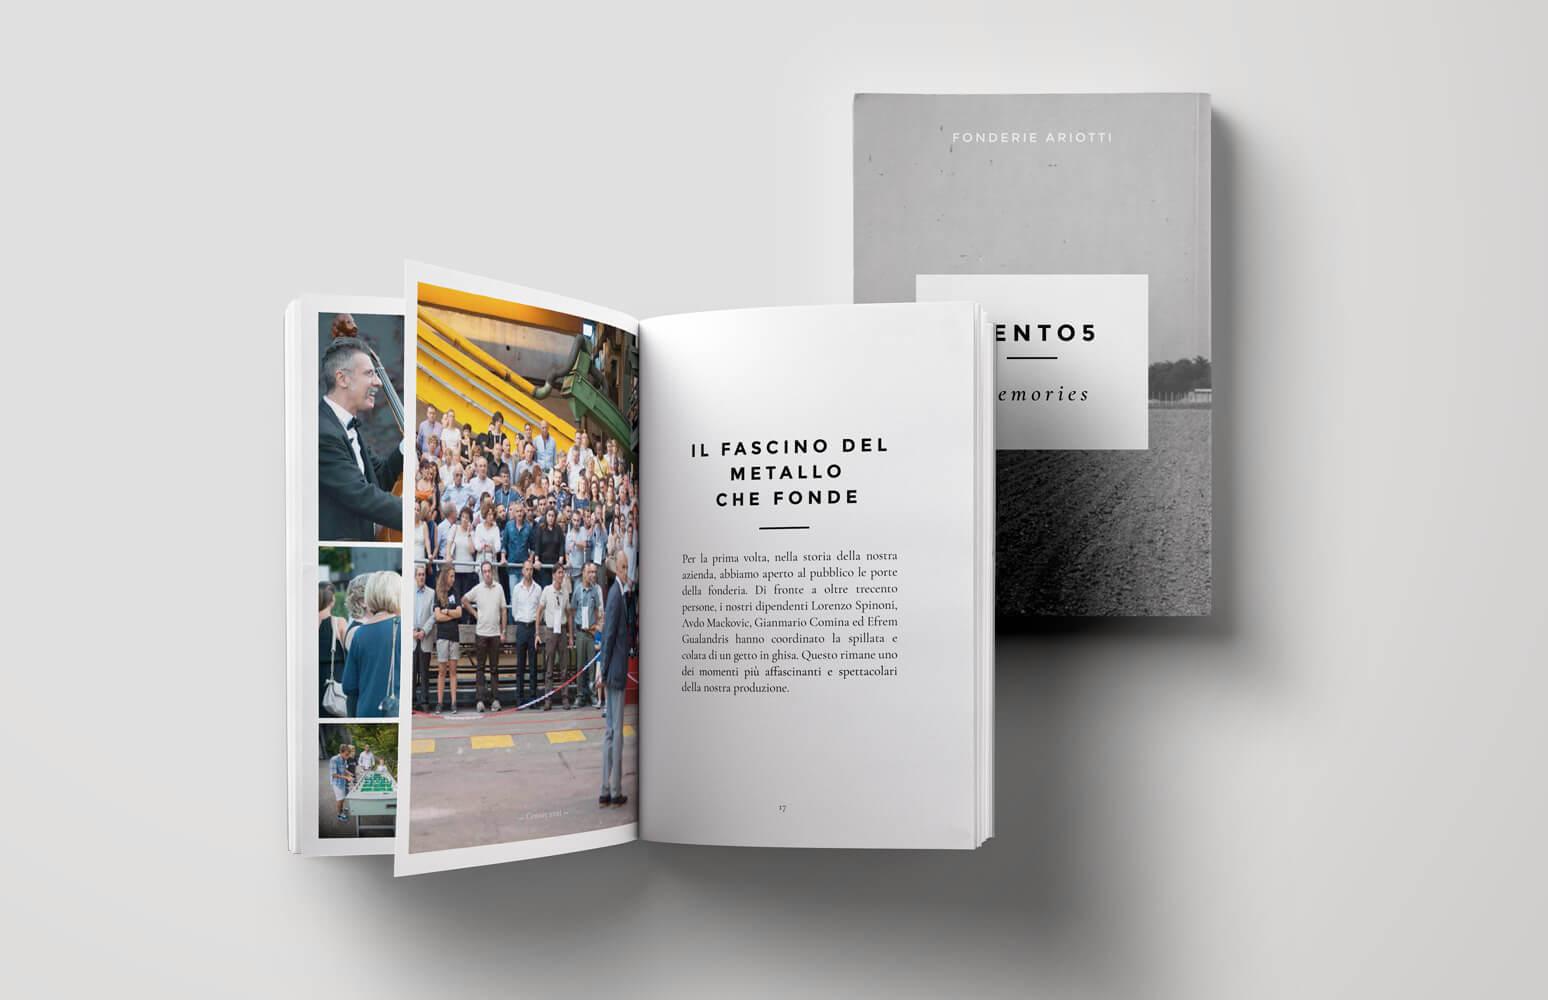 Fonderie Ariotti - Cento5 book